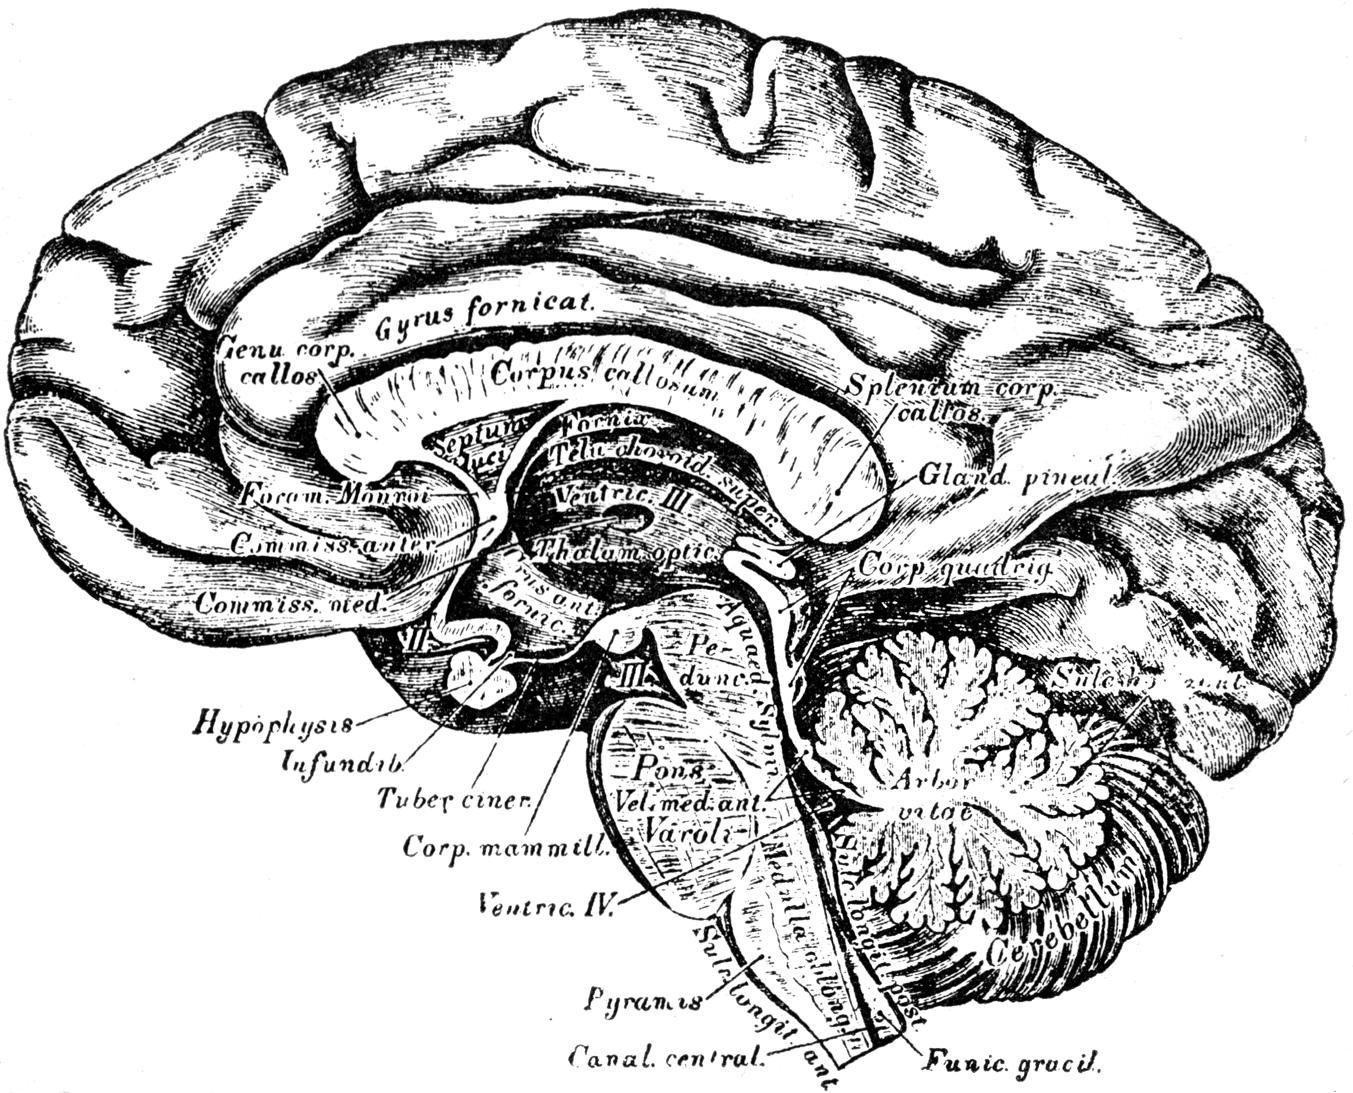 Drawn brains gray's anatomy Journal Buchanan's 1887  April